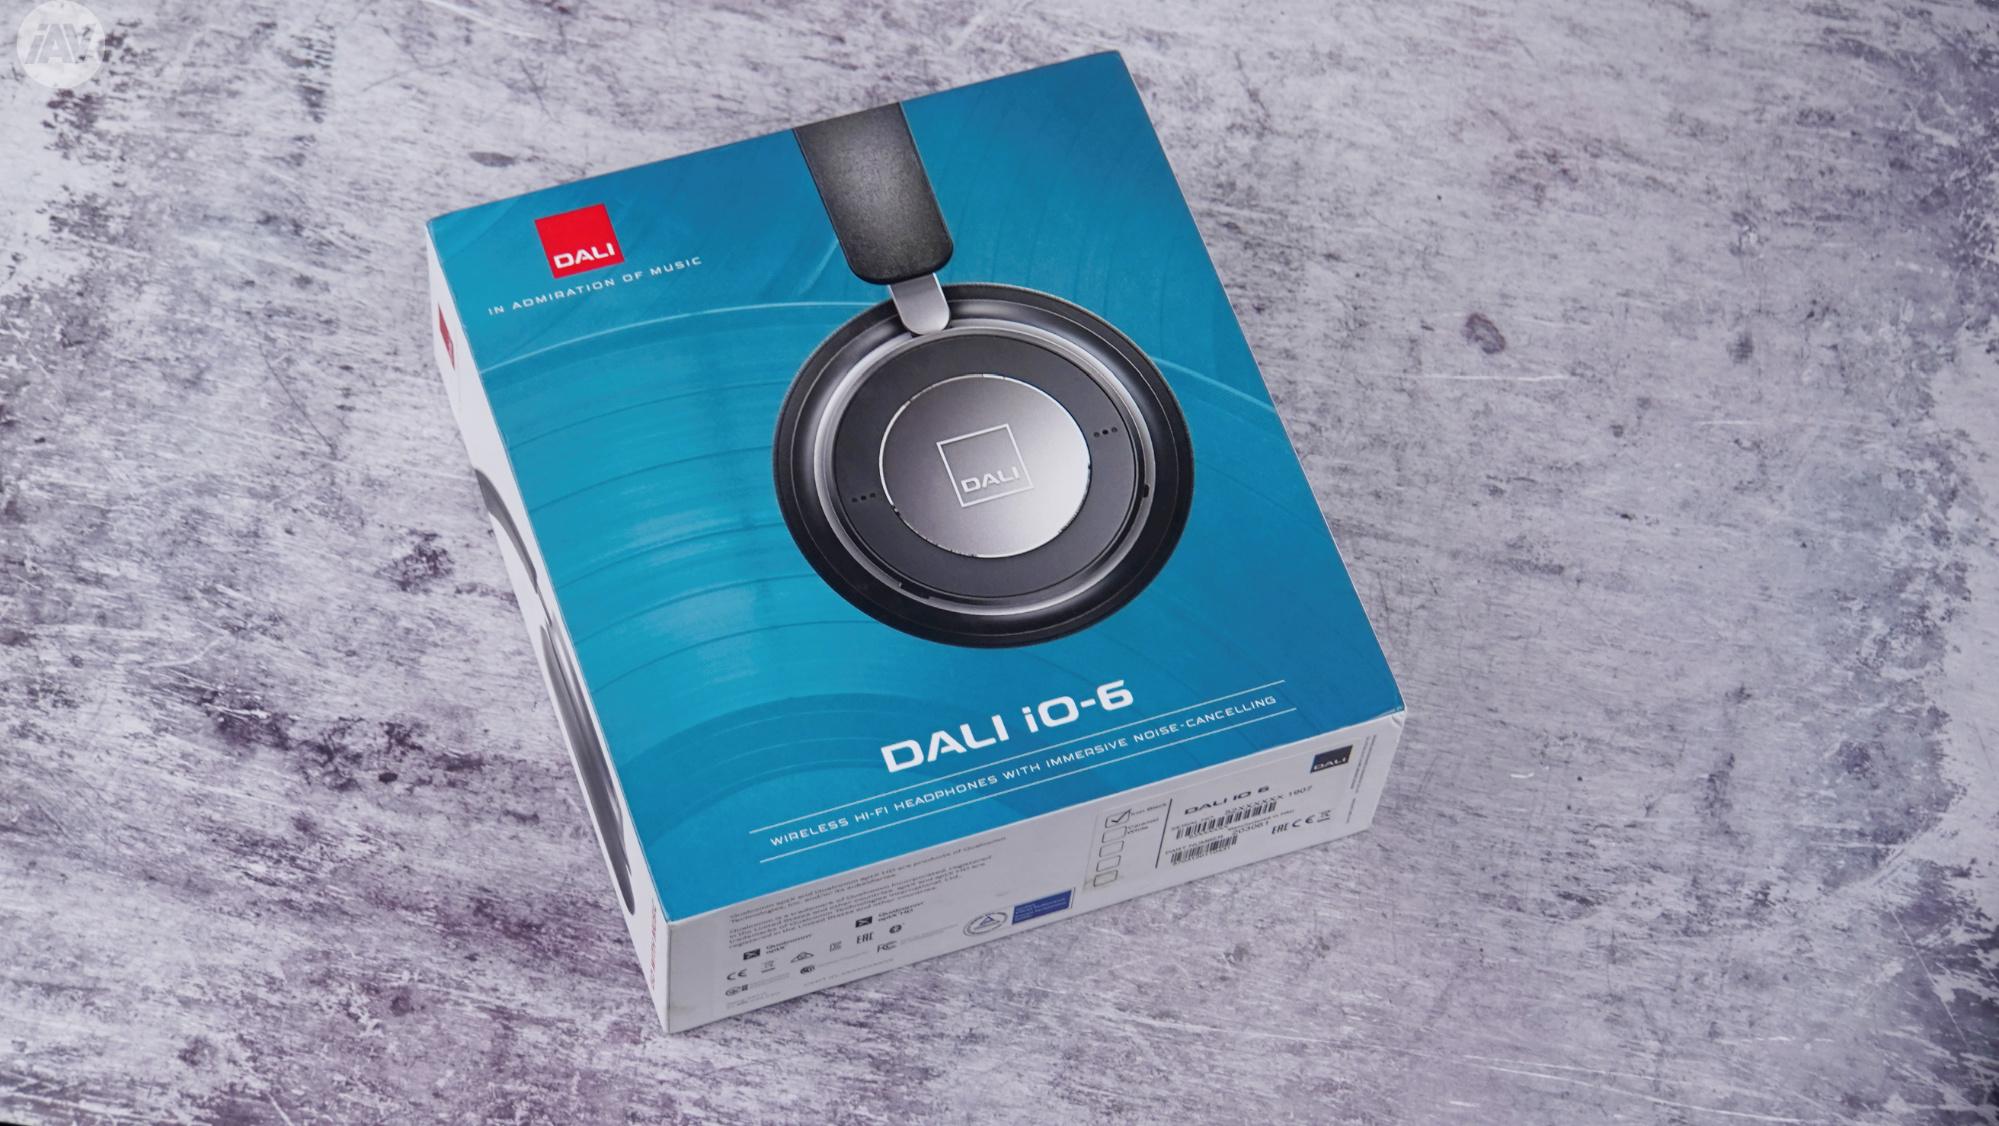 """试玩   """"久听不累,降噪加成""""DALI 达尼 IO-6 无线降噪耳机"""